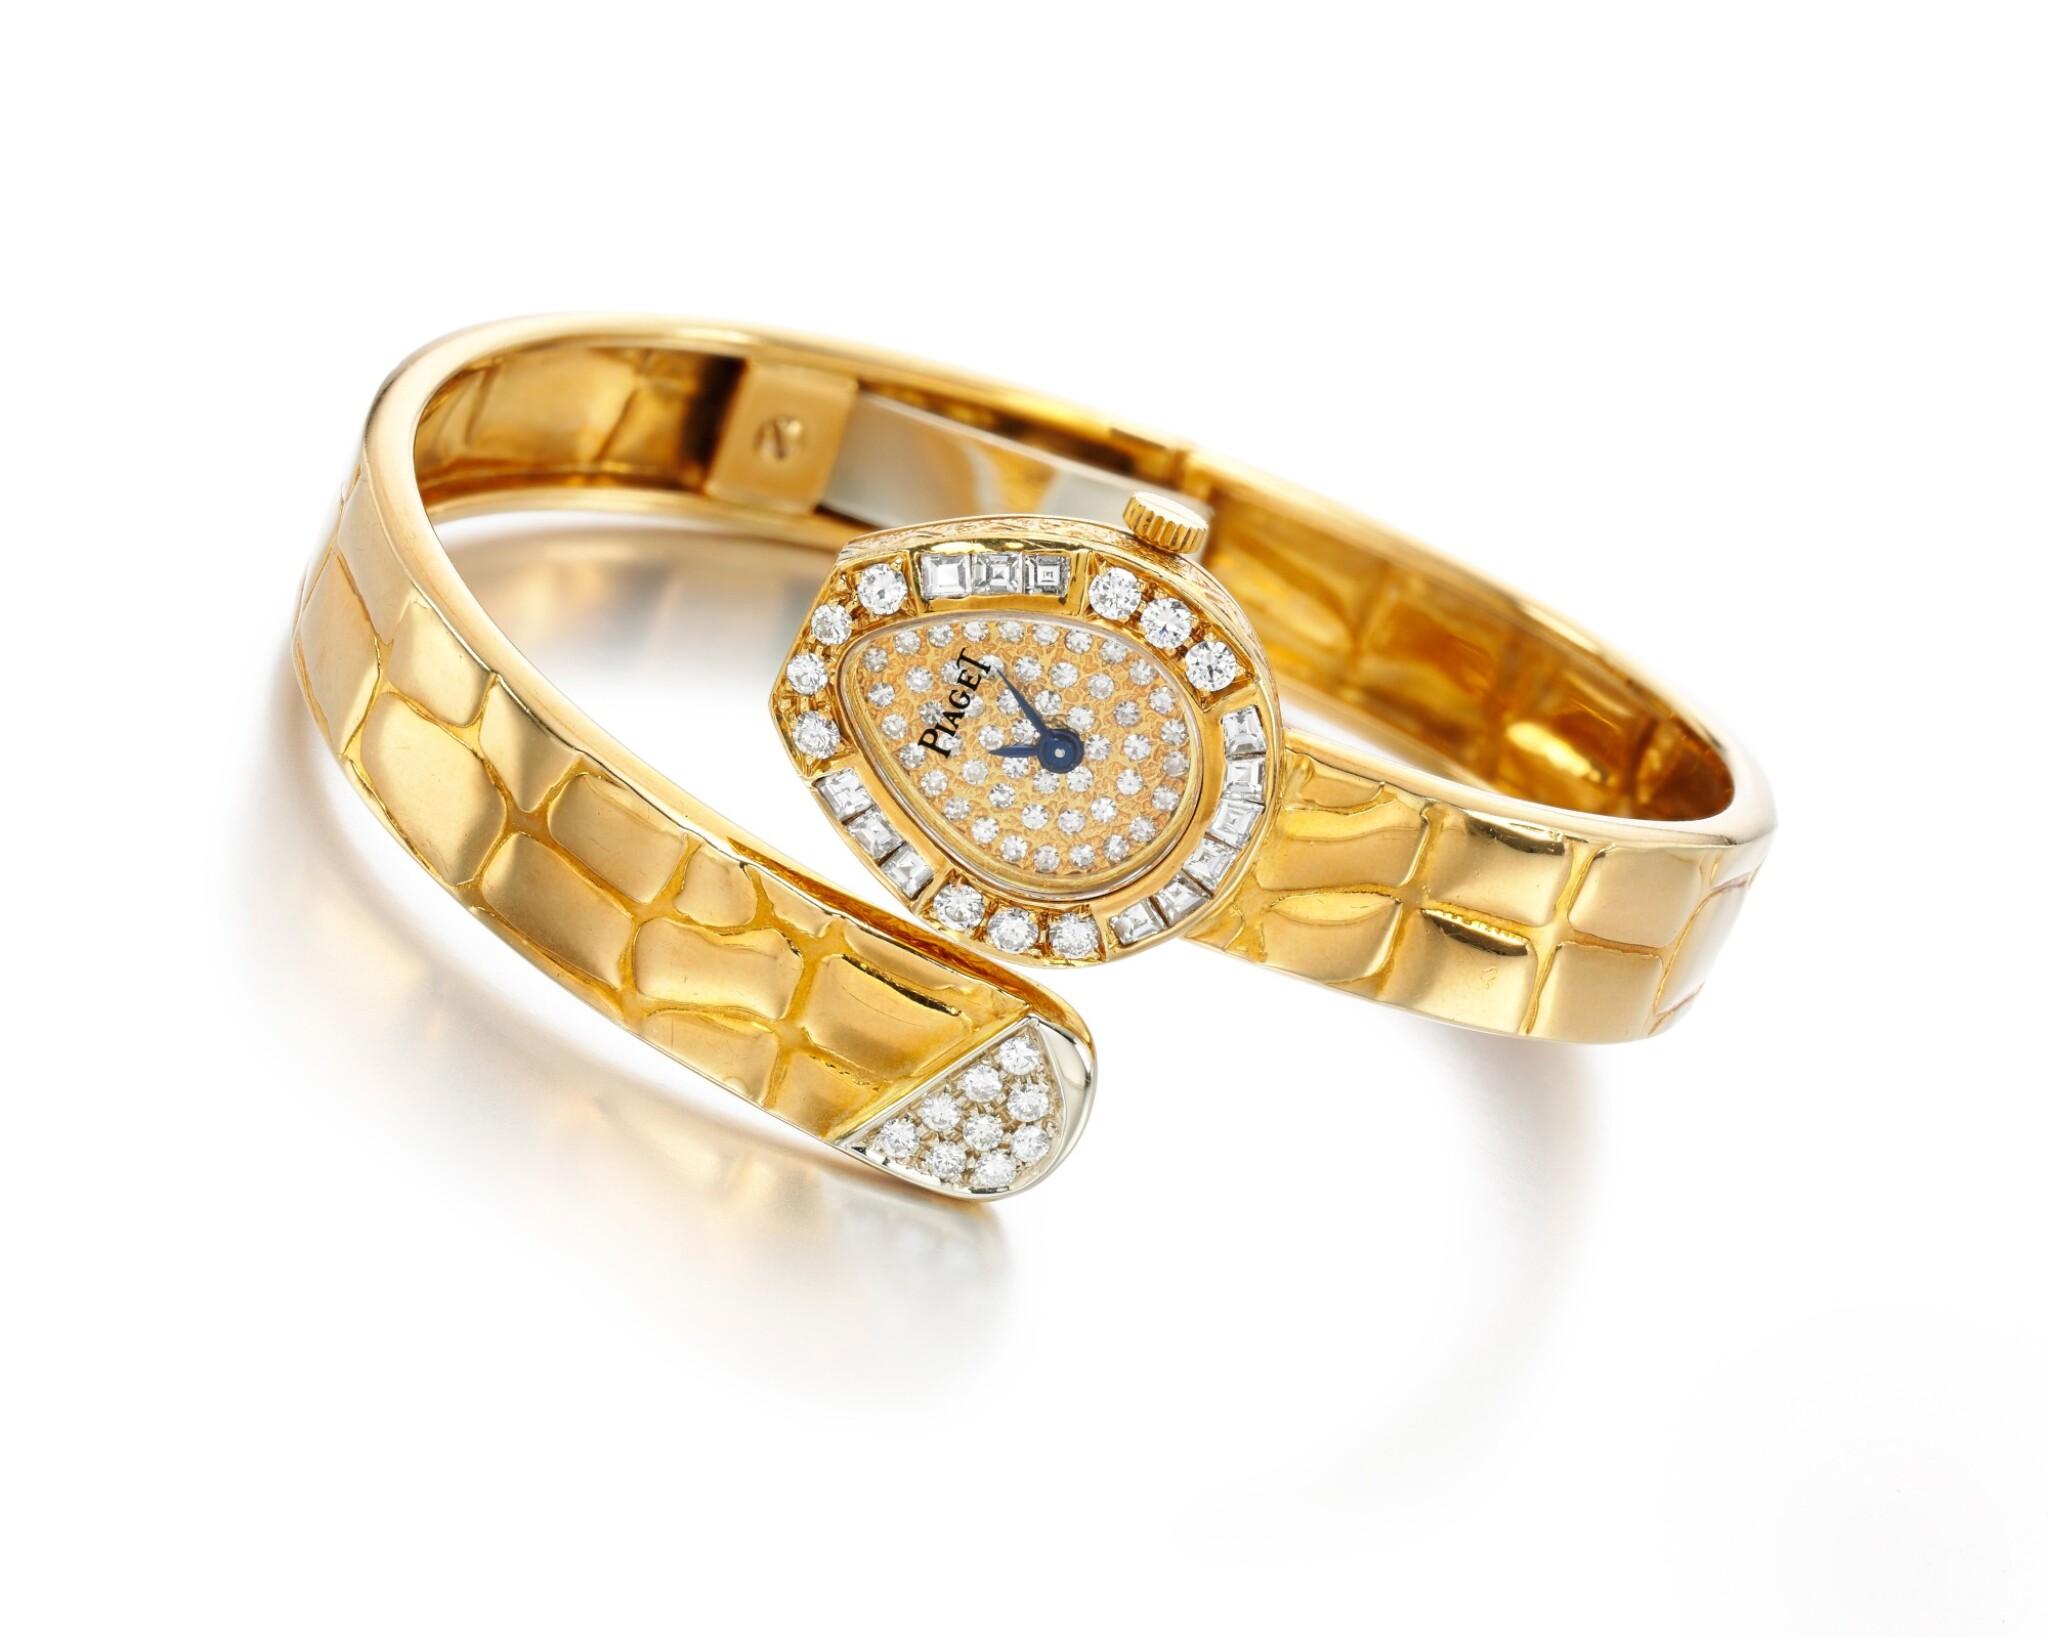 LADY'S DIAMOND WRISTWATCH, PIAGET